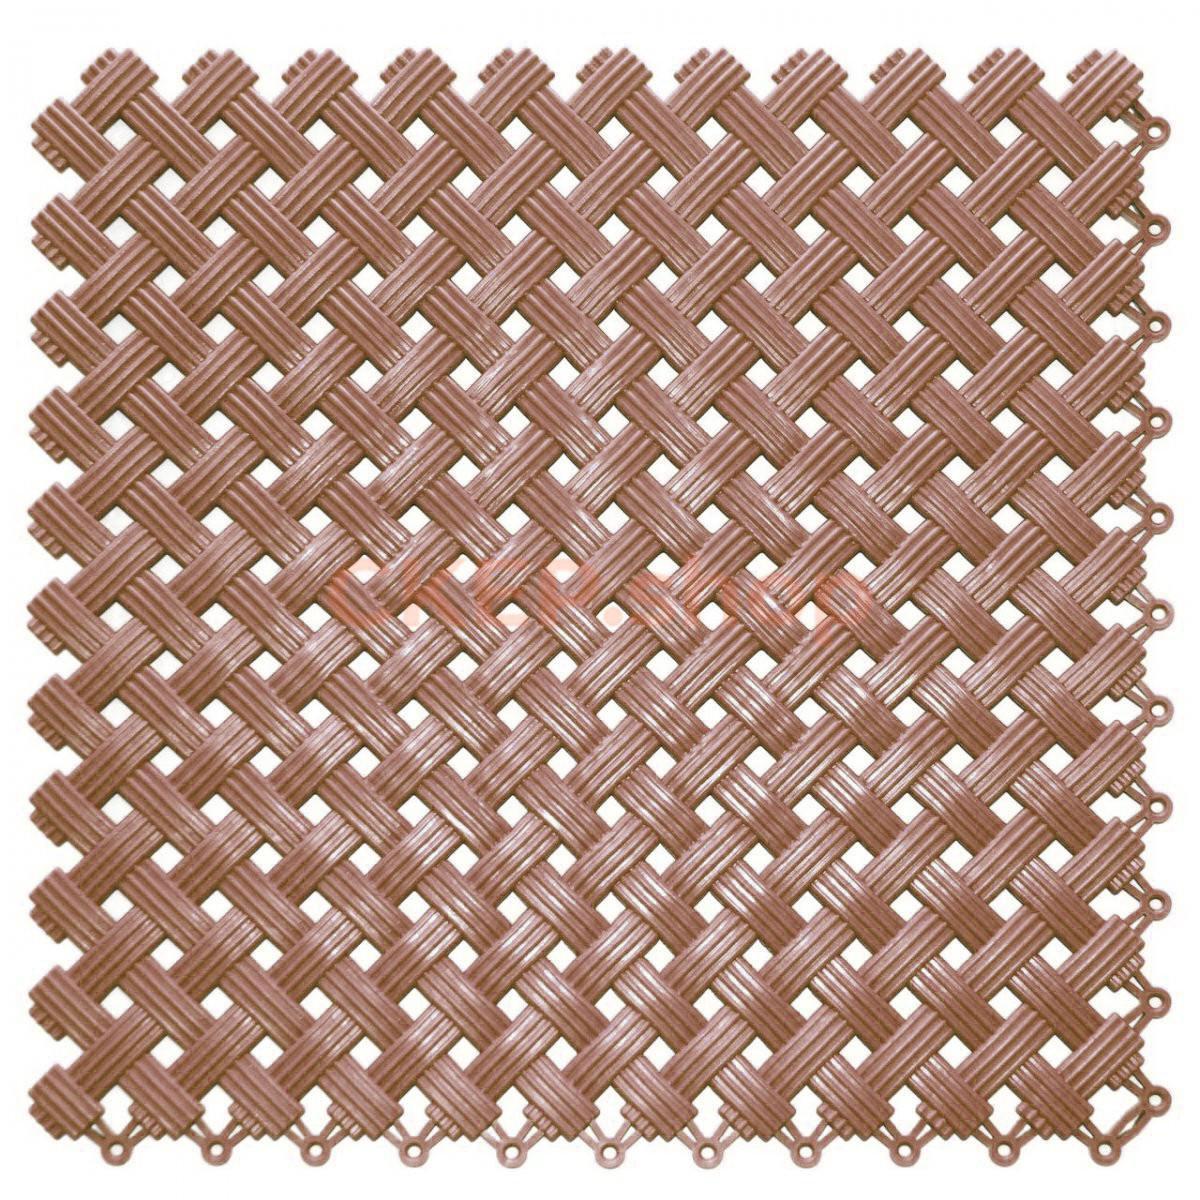 Покрытие модульное Аква, 200х200х8,5 мм, коричневое